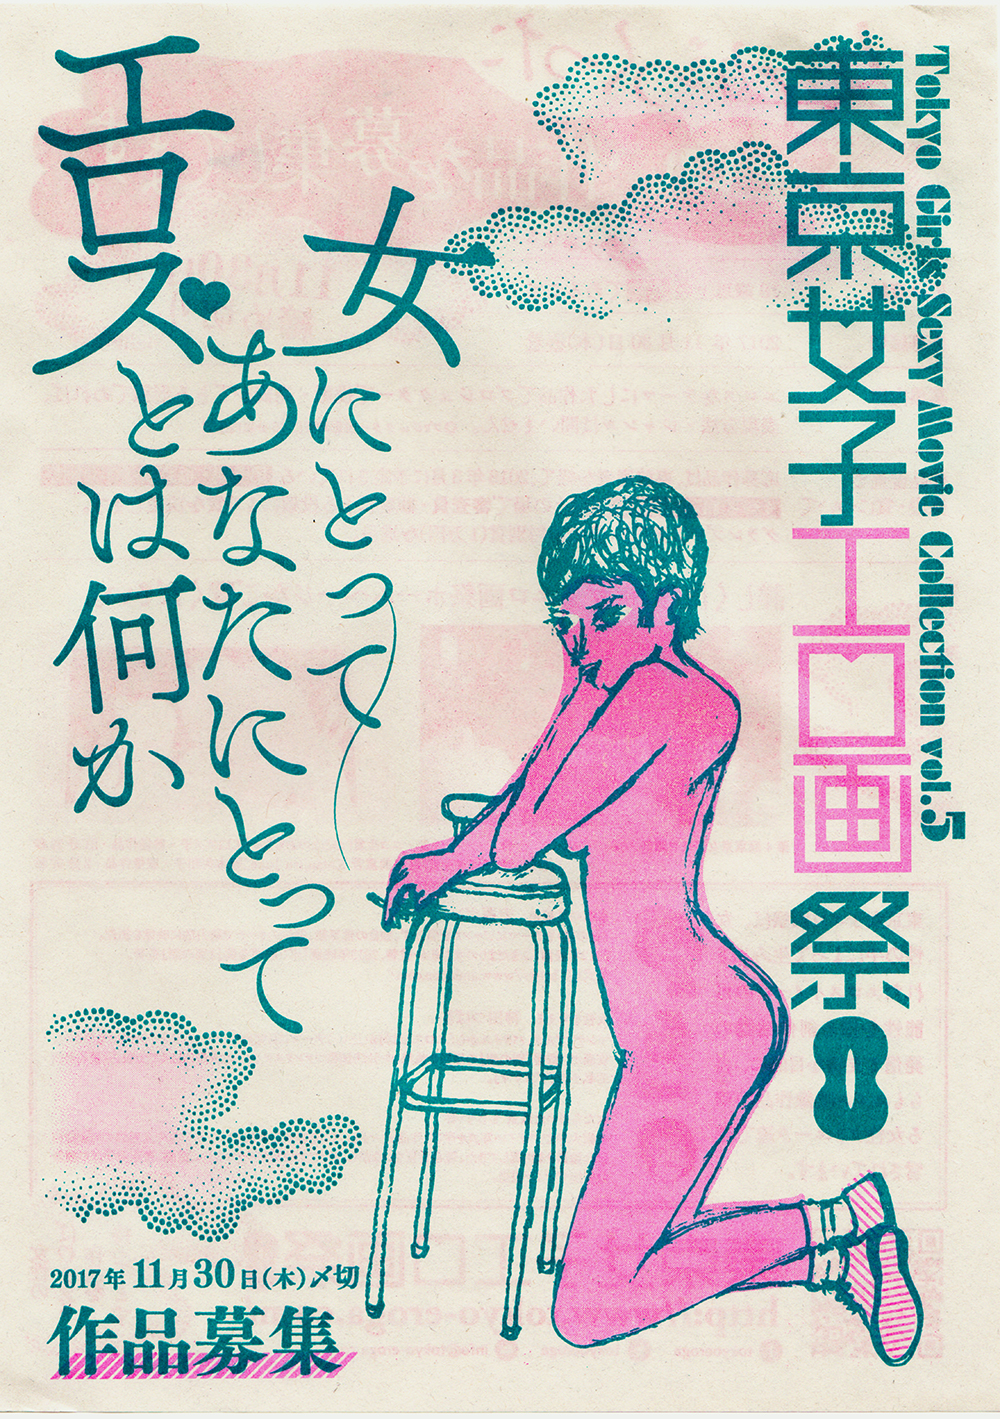 第5回東京女子エロ画祭作品募集チラシ